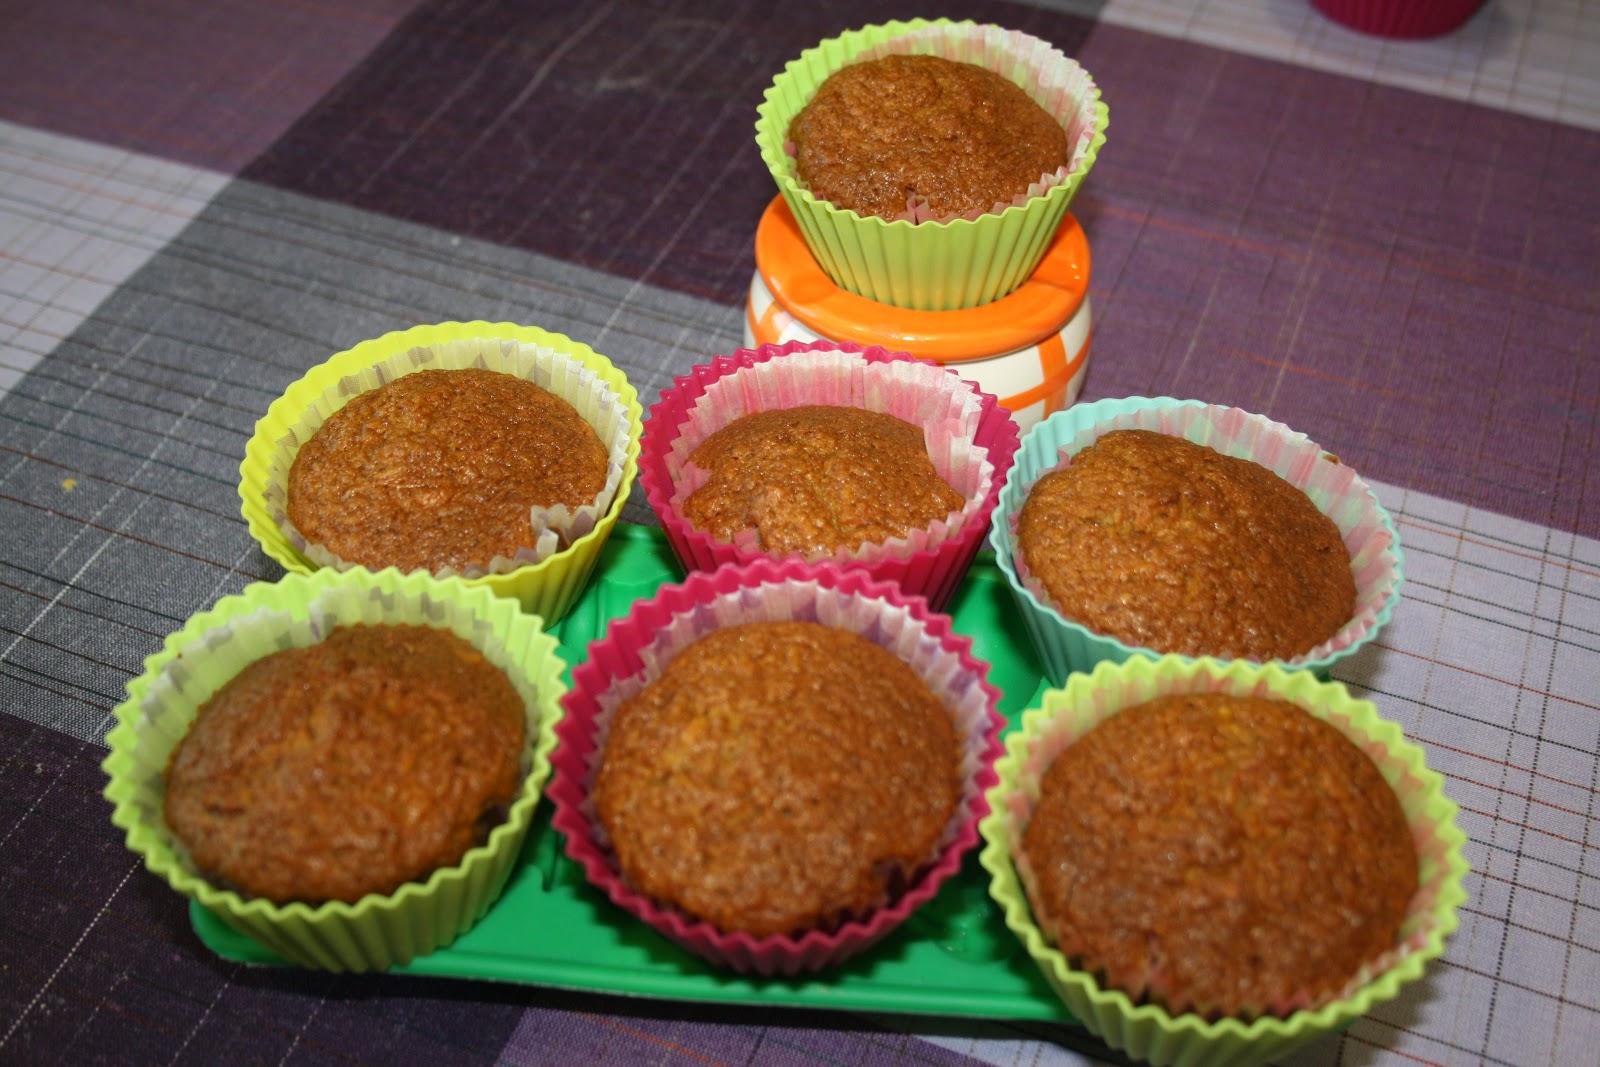 Baldosas de colores cupcakes de manzana y zanahoria - Colores de baldosas ...